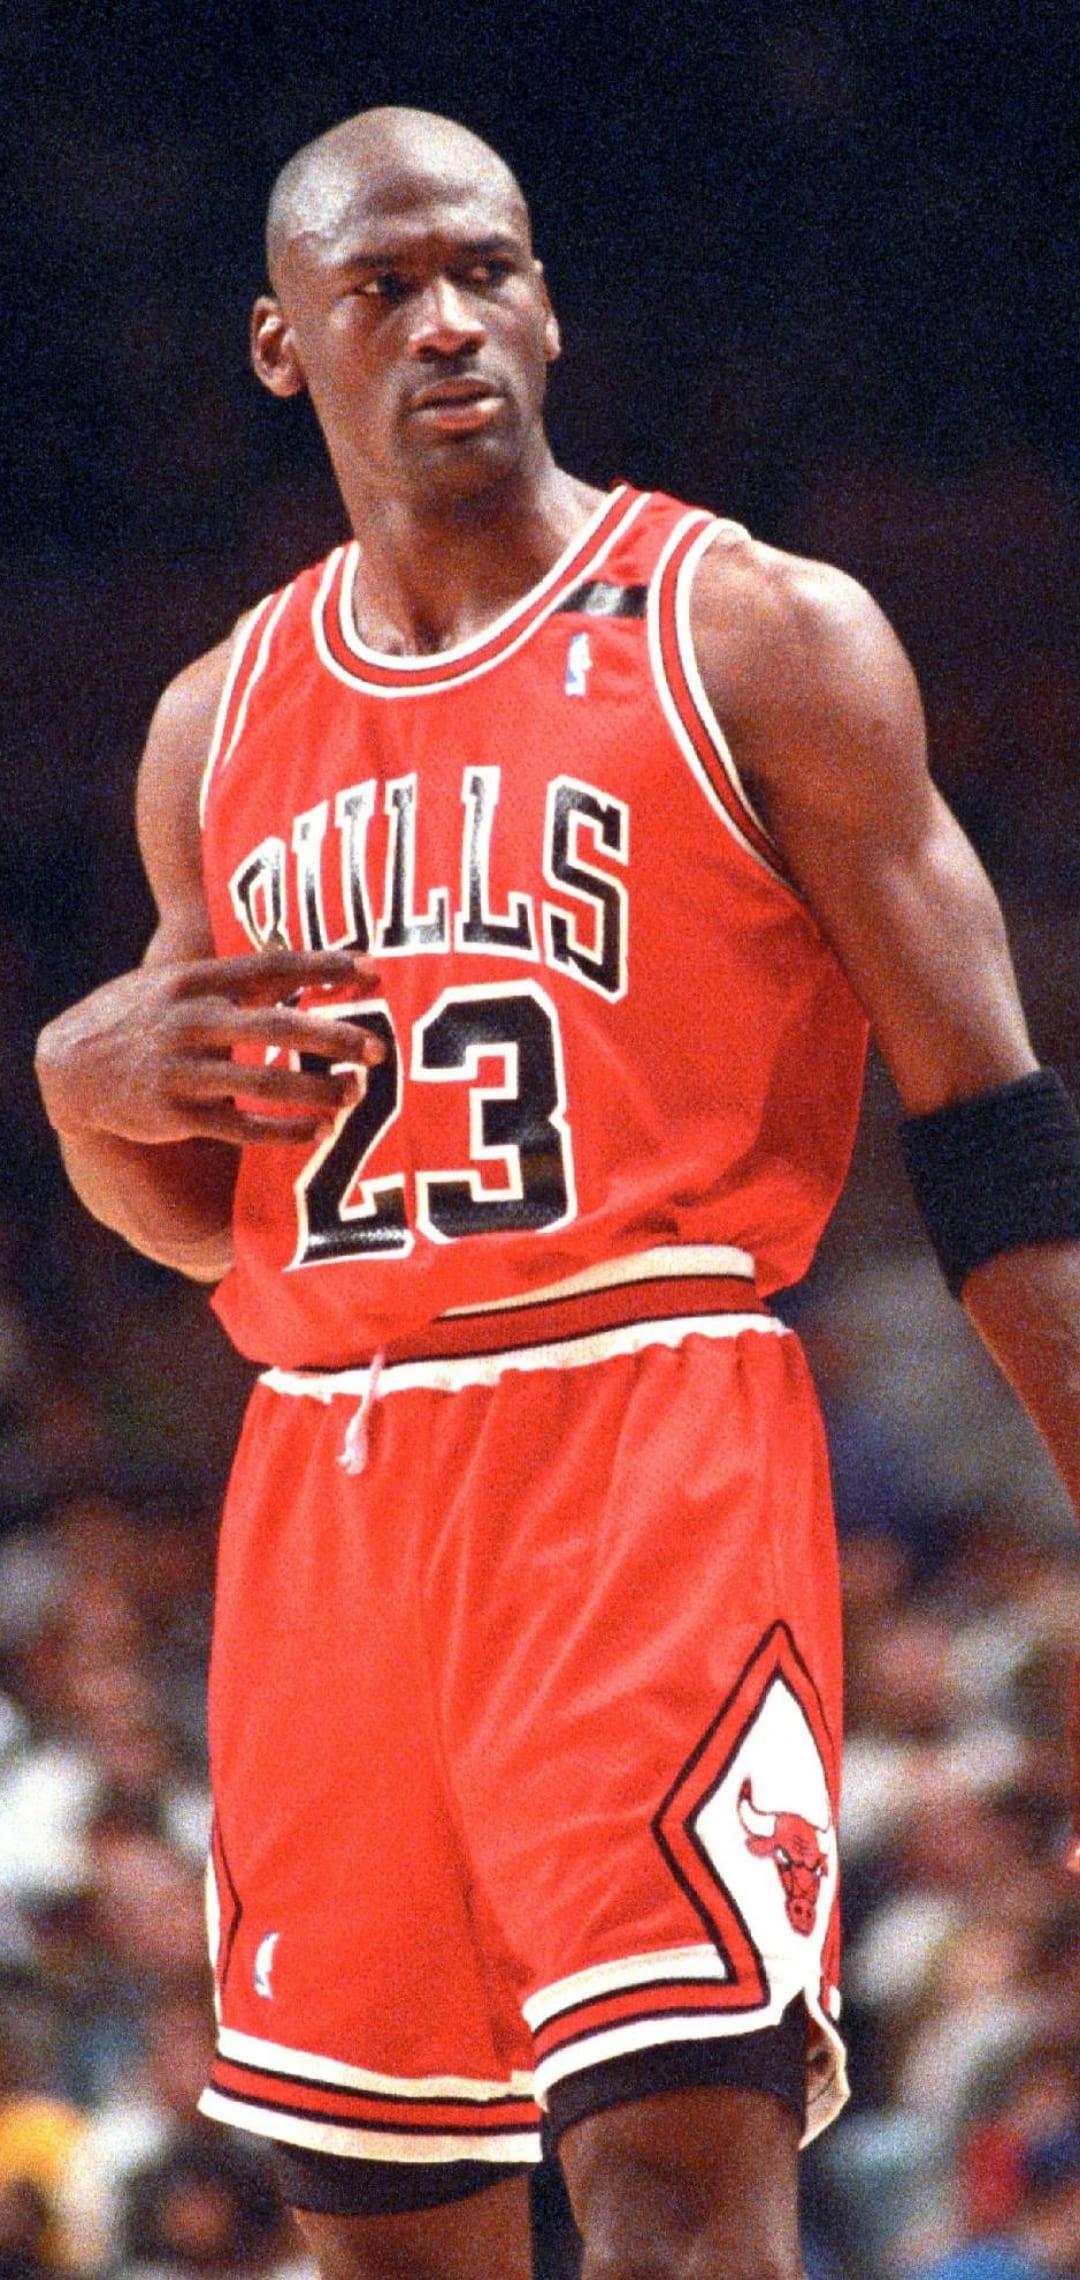 manual Bolsa Escribe email  45 ᐈ Jordan Wallpapers: Top Best HD Pictures of Michael Jordan ( 2020 )